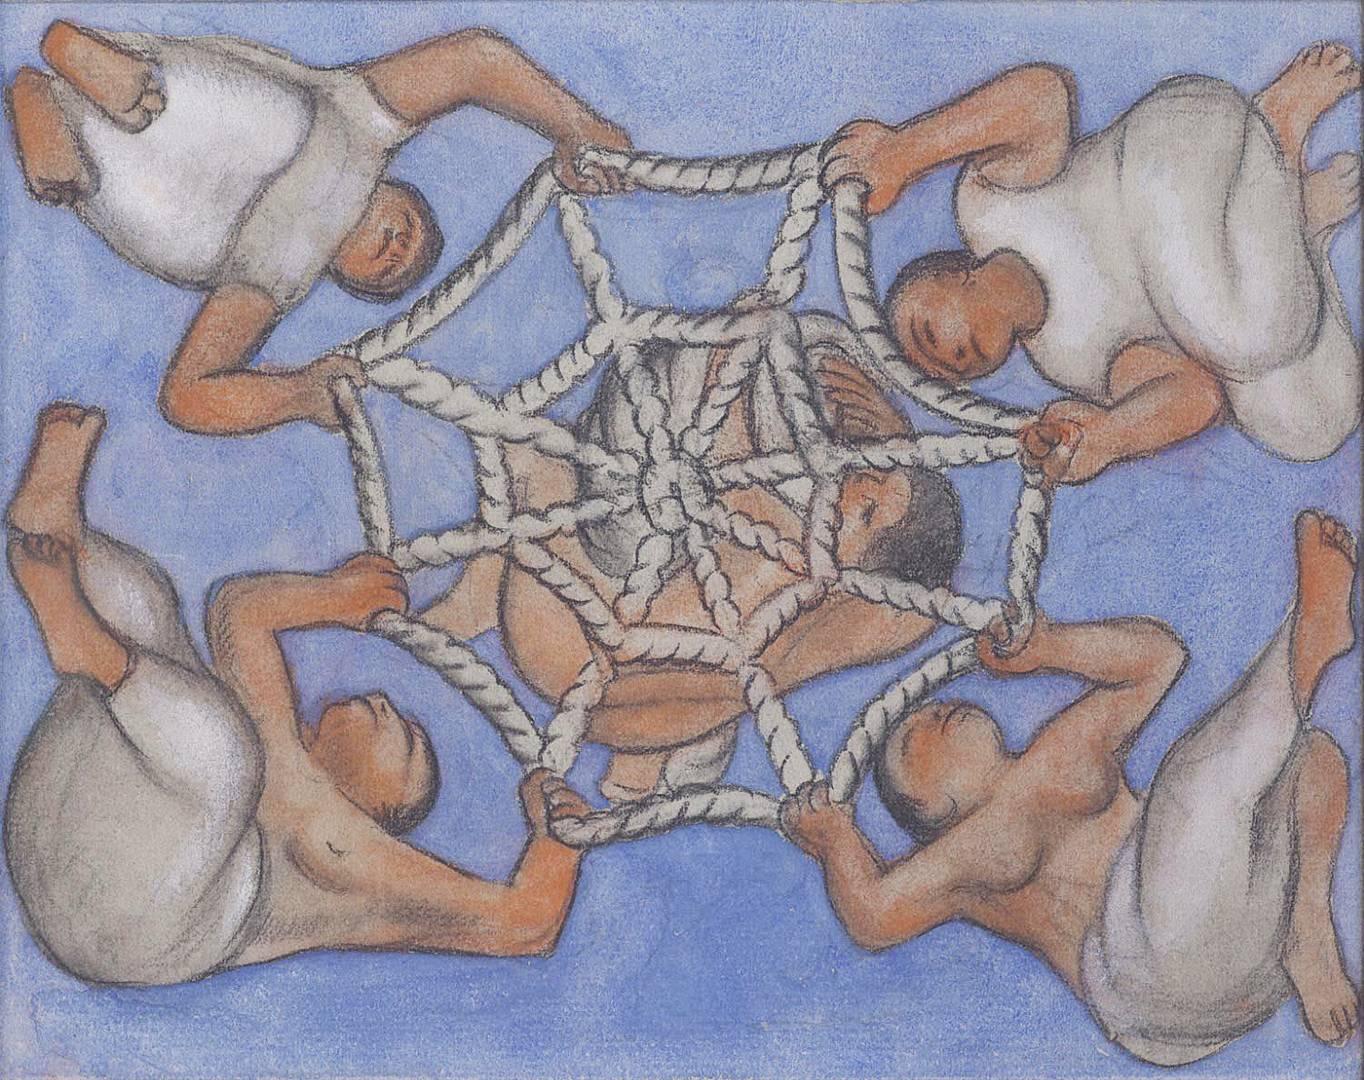 Диего Ривера. Эскиз для потолочной фрески в Чапингоo. 1927